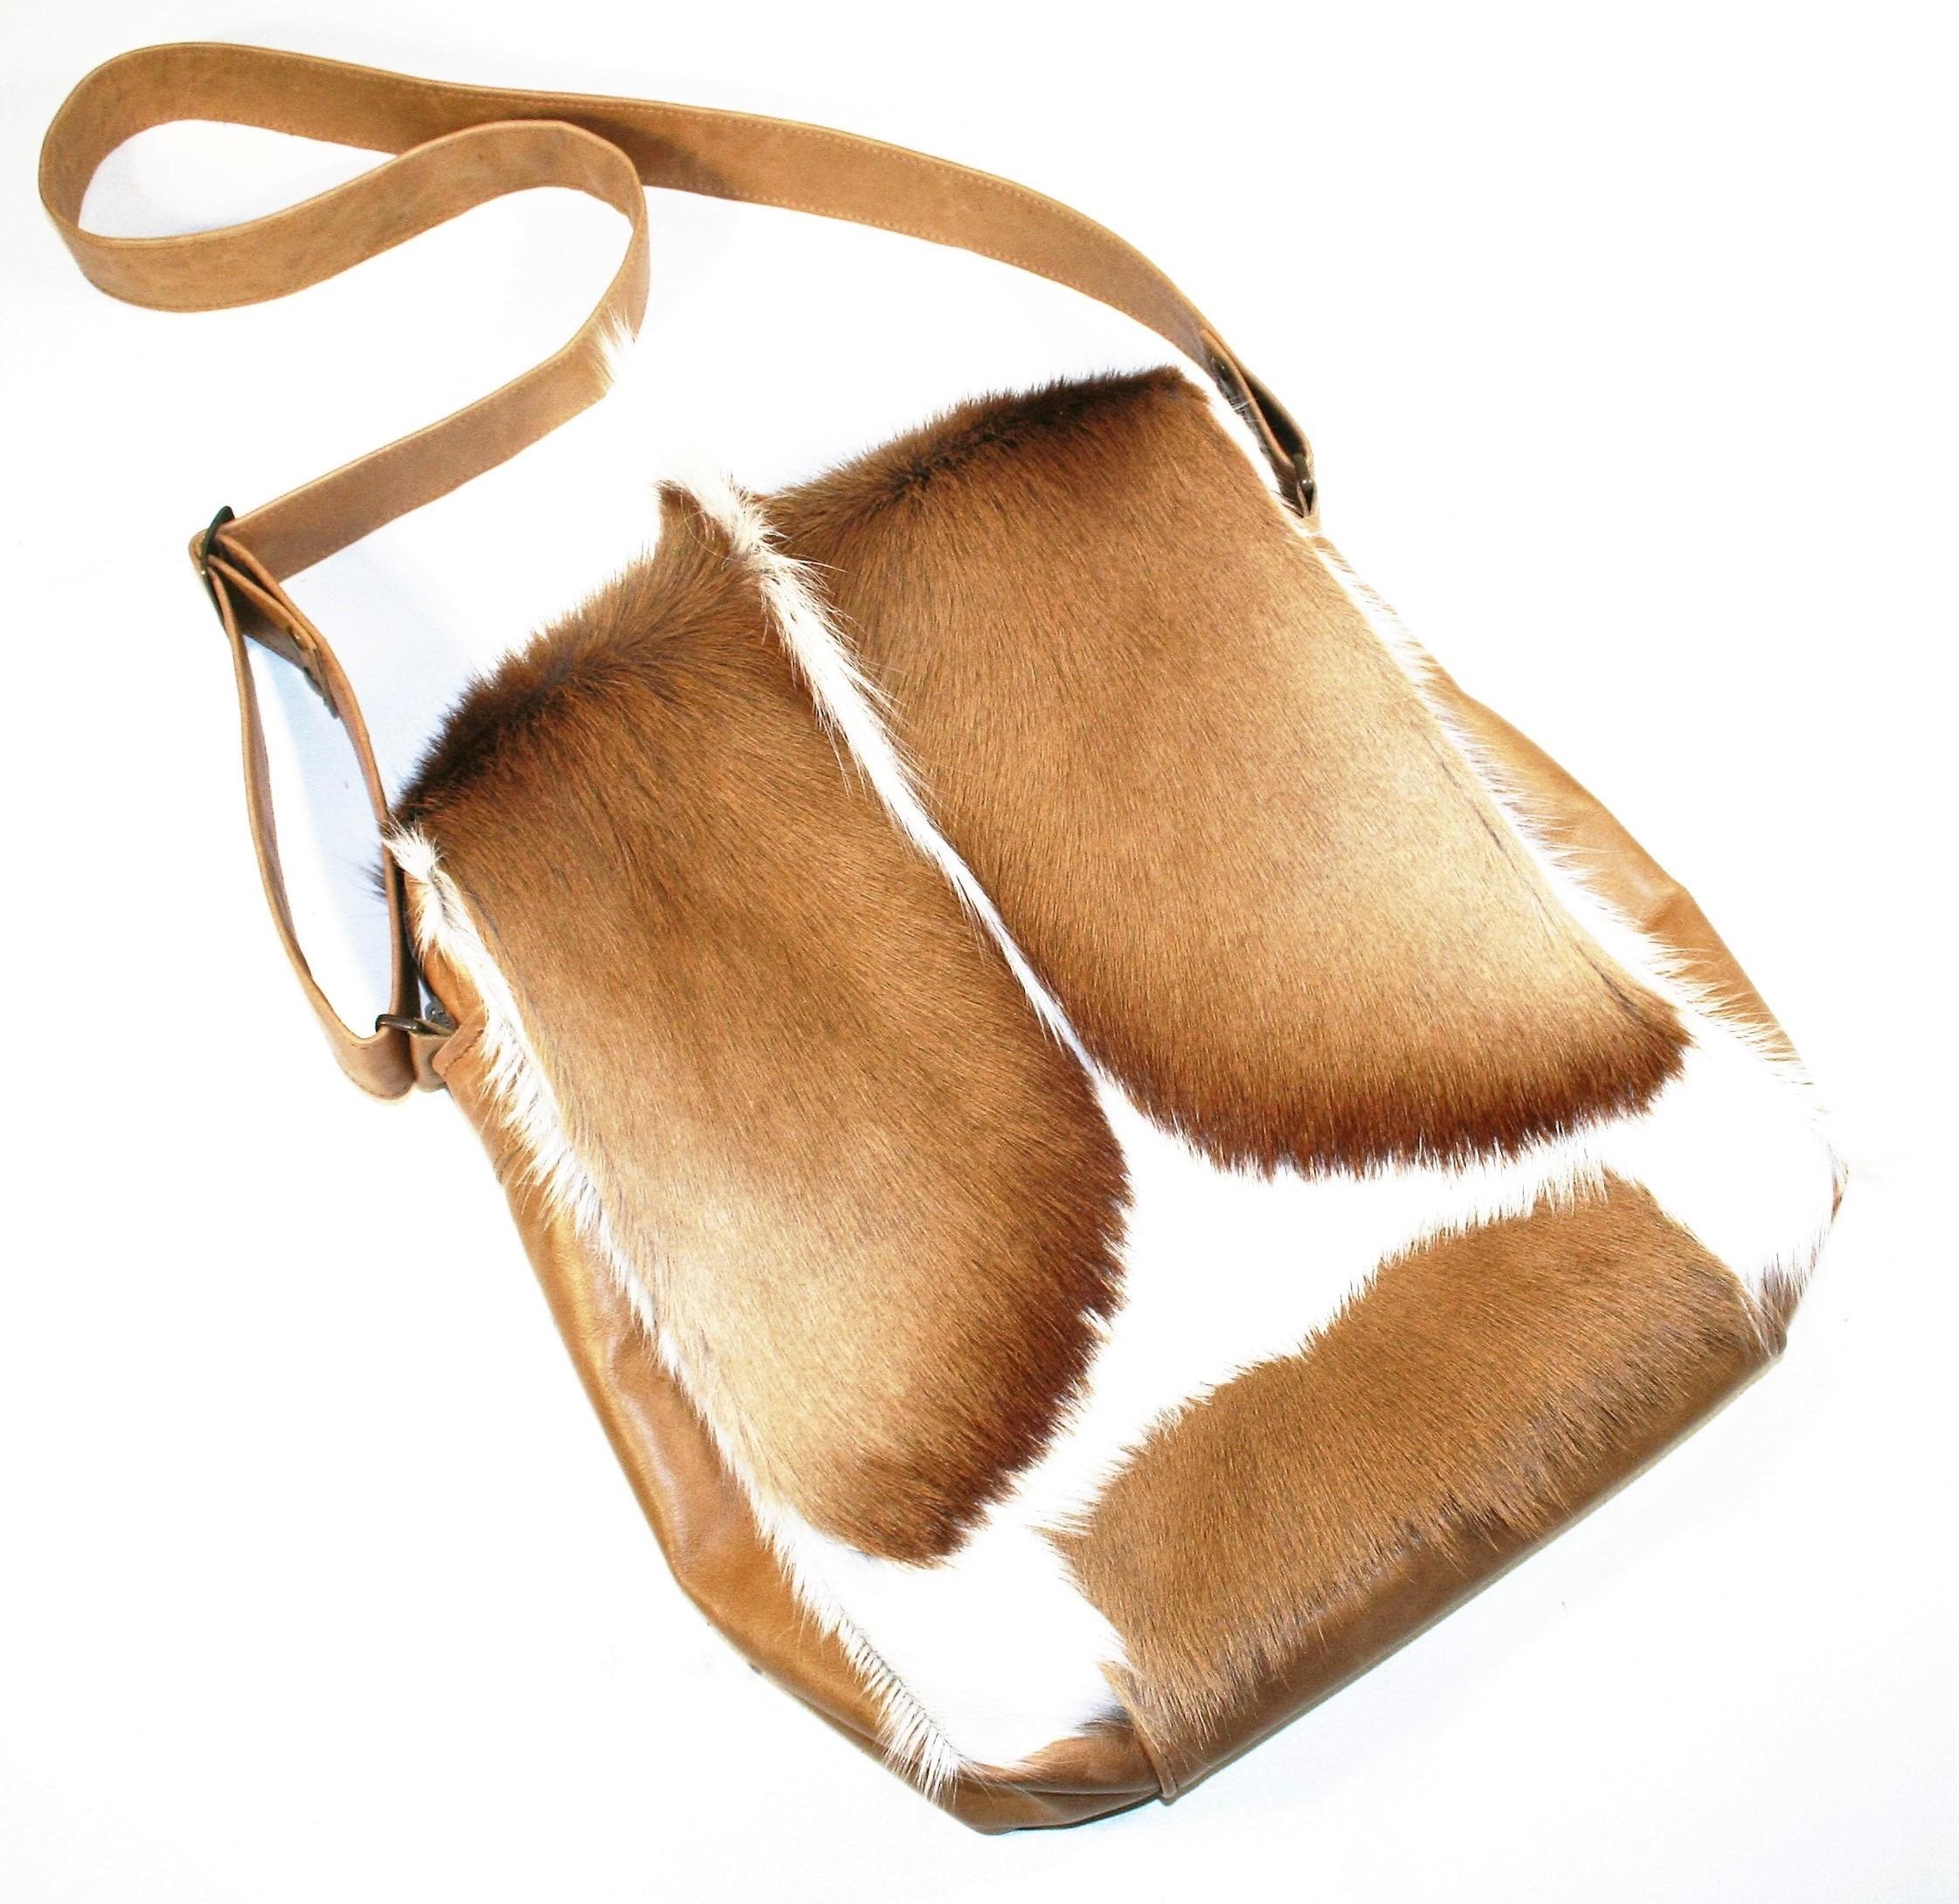 bc73368f7f Springbok Man-Bag - Lidi Ada Naturals